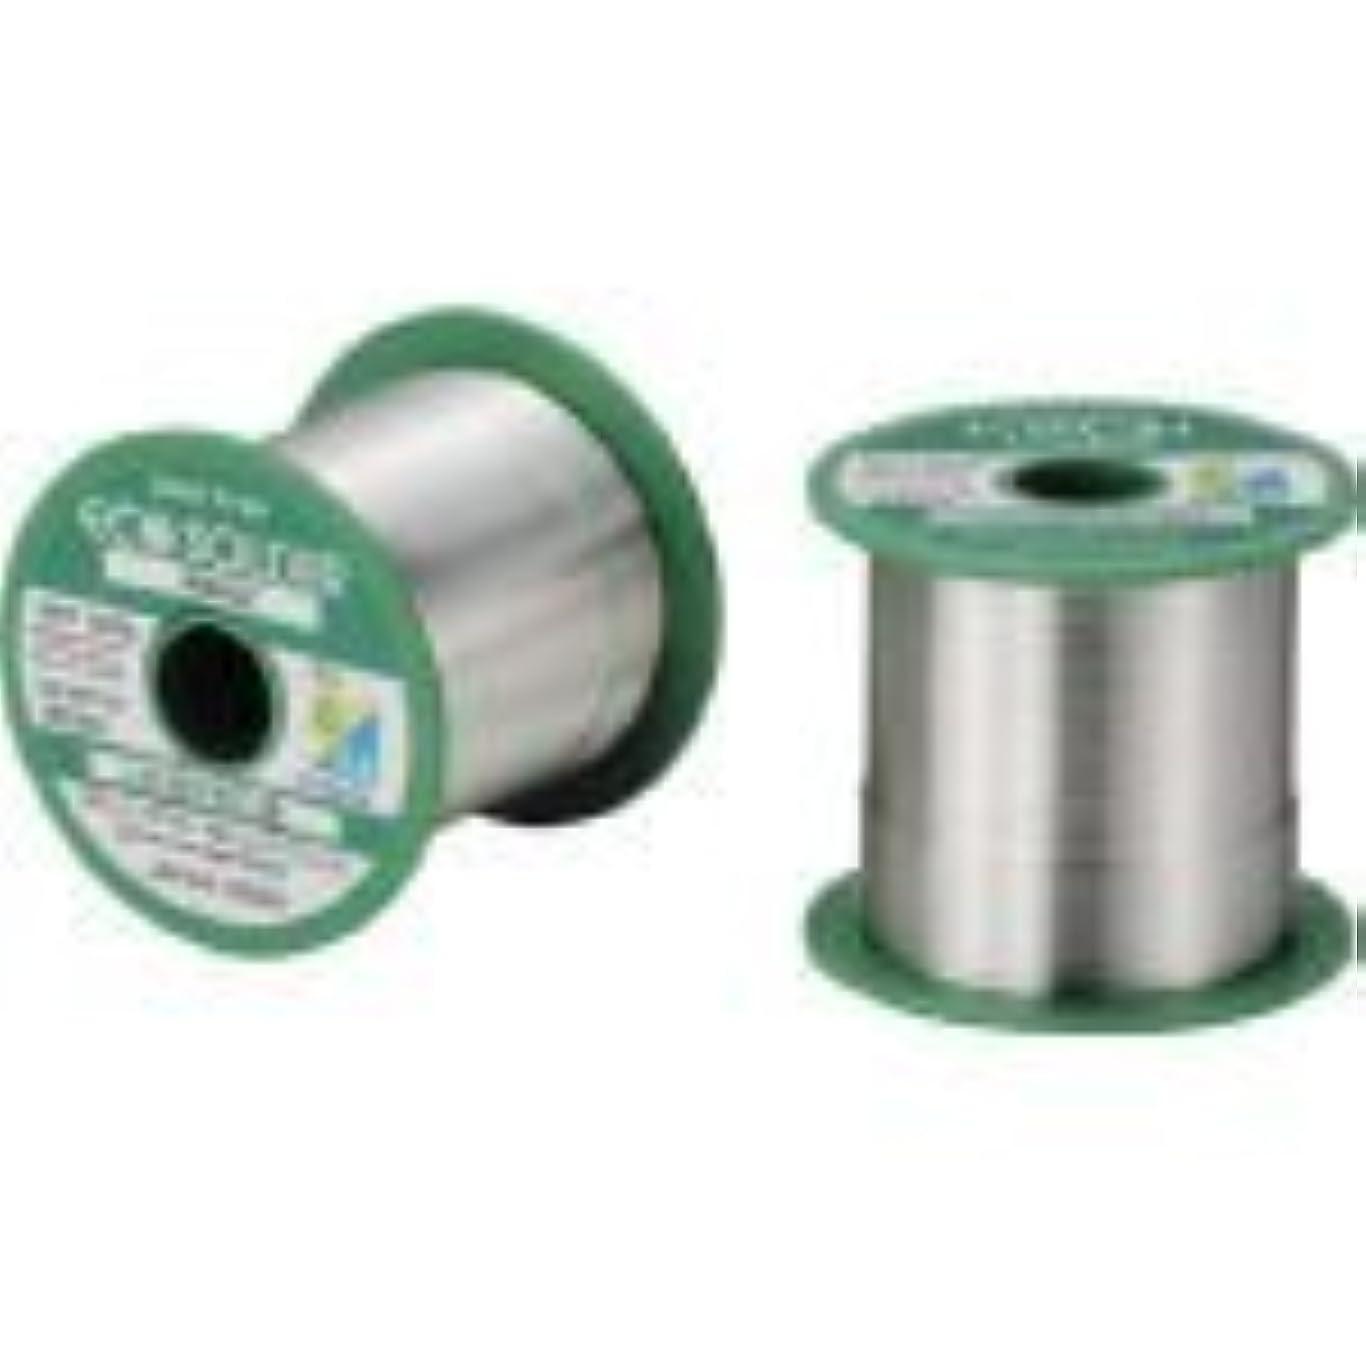 グリル動く非公式千住金属工業 エコソルダー RMA02 P3 M705 0.8ミリ (1巻) RMA02 P3 M705 0.8